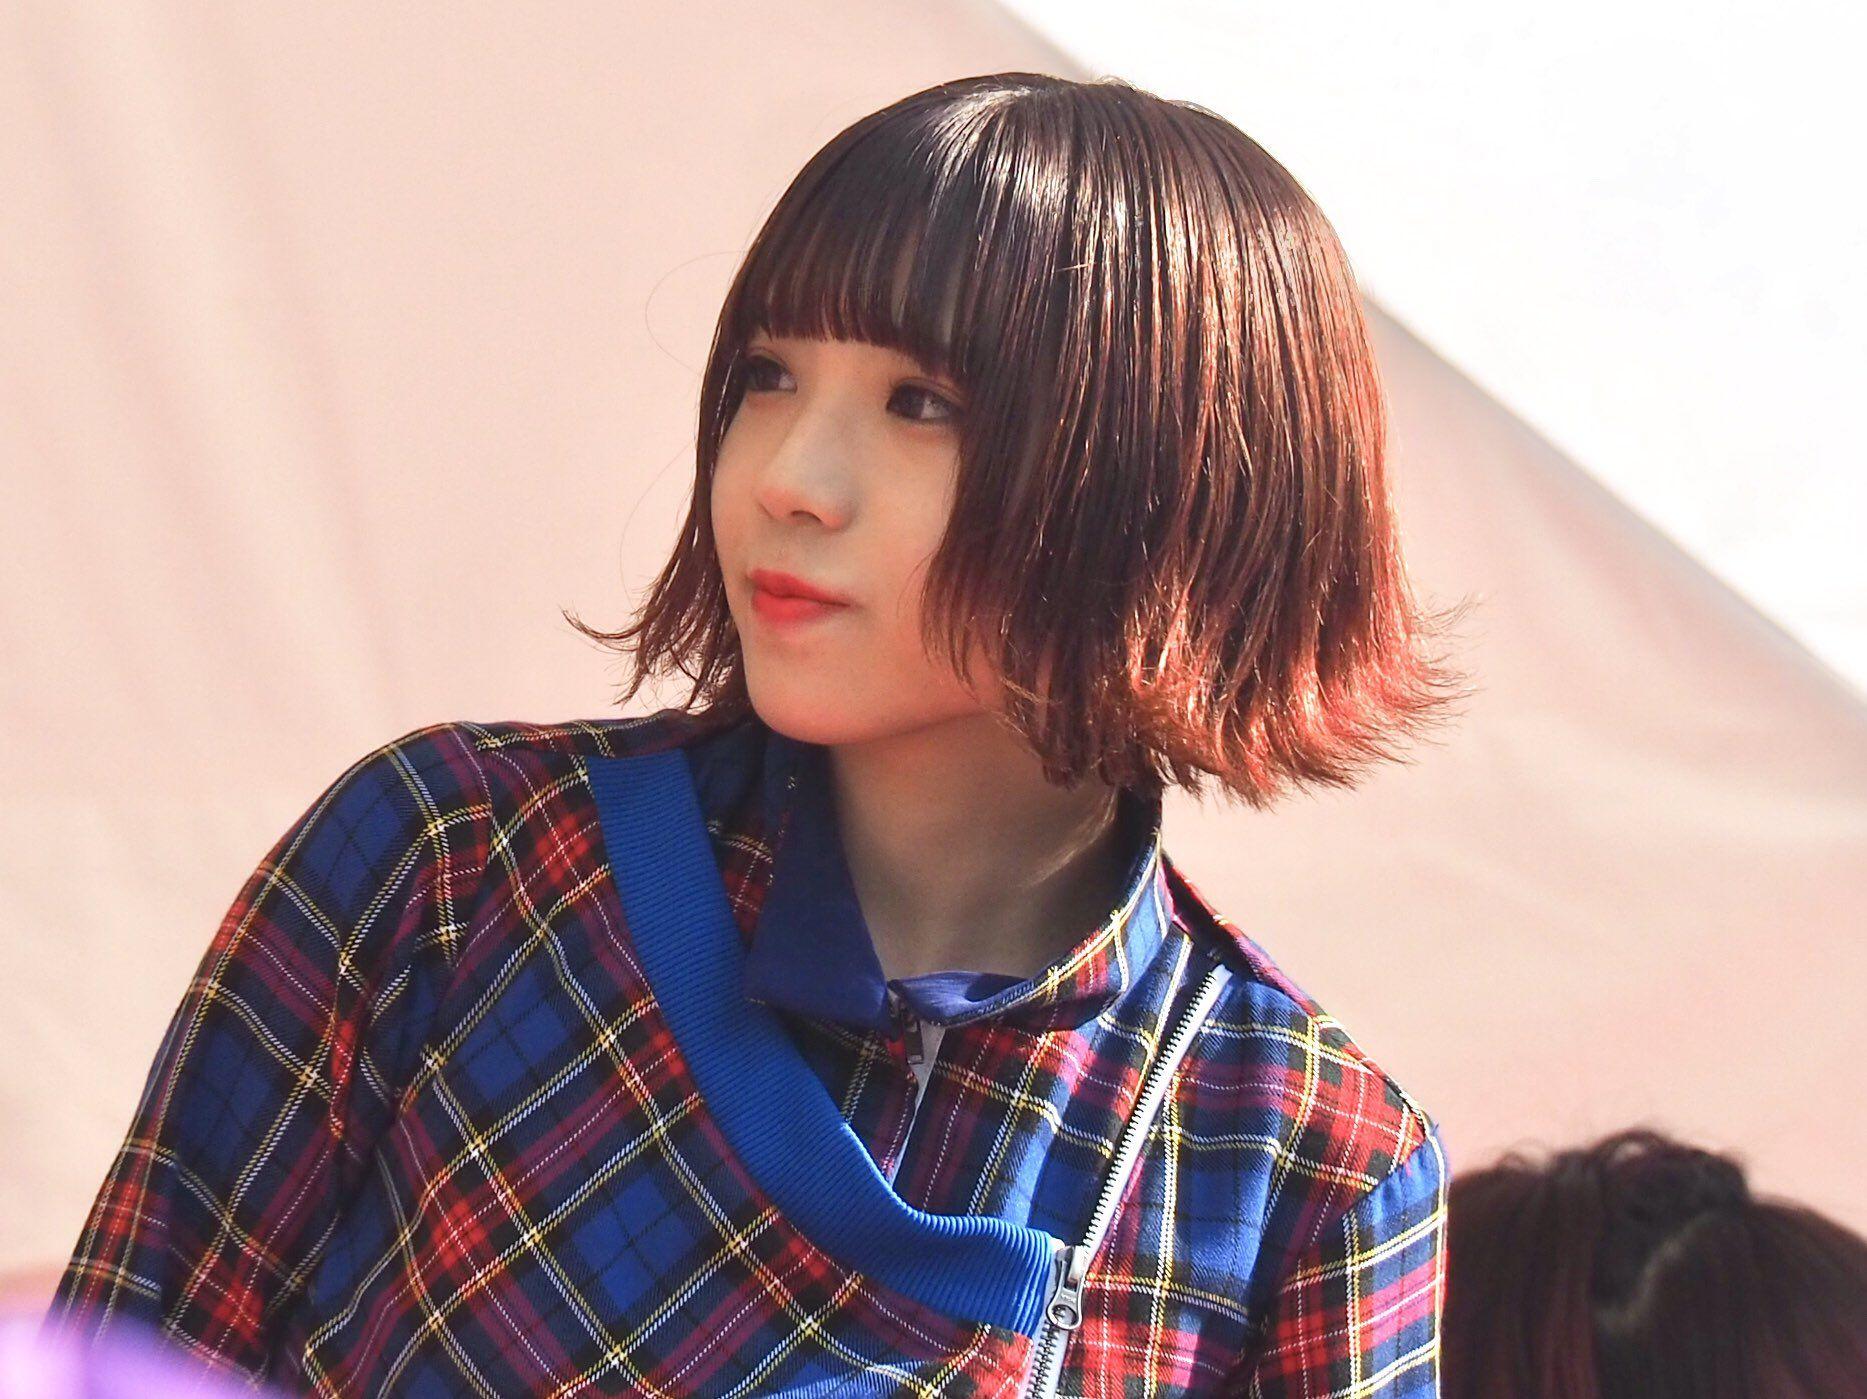 """髪型 アユニ d 【BiSH アユニ・D】存在感の秘密は""""オールブラック""""なファッションにあった!?"""